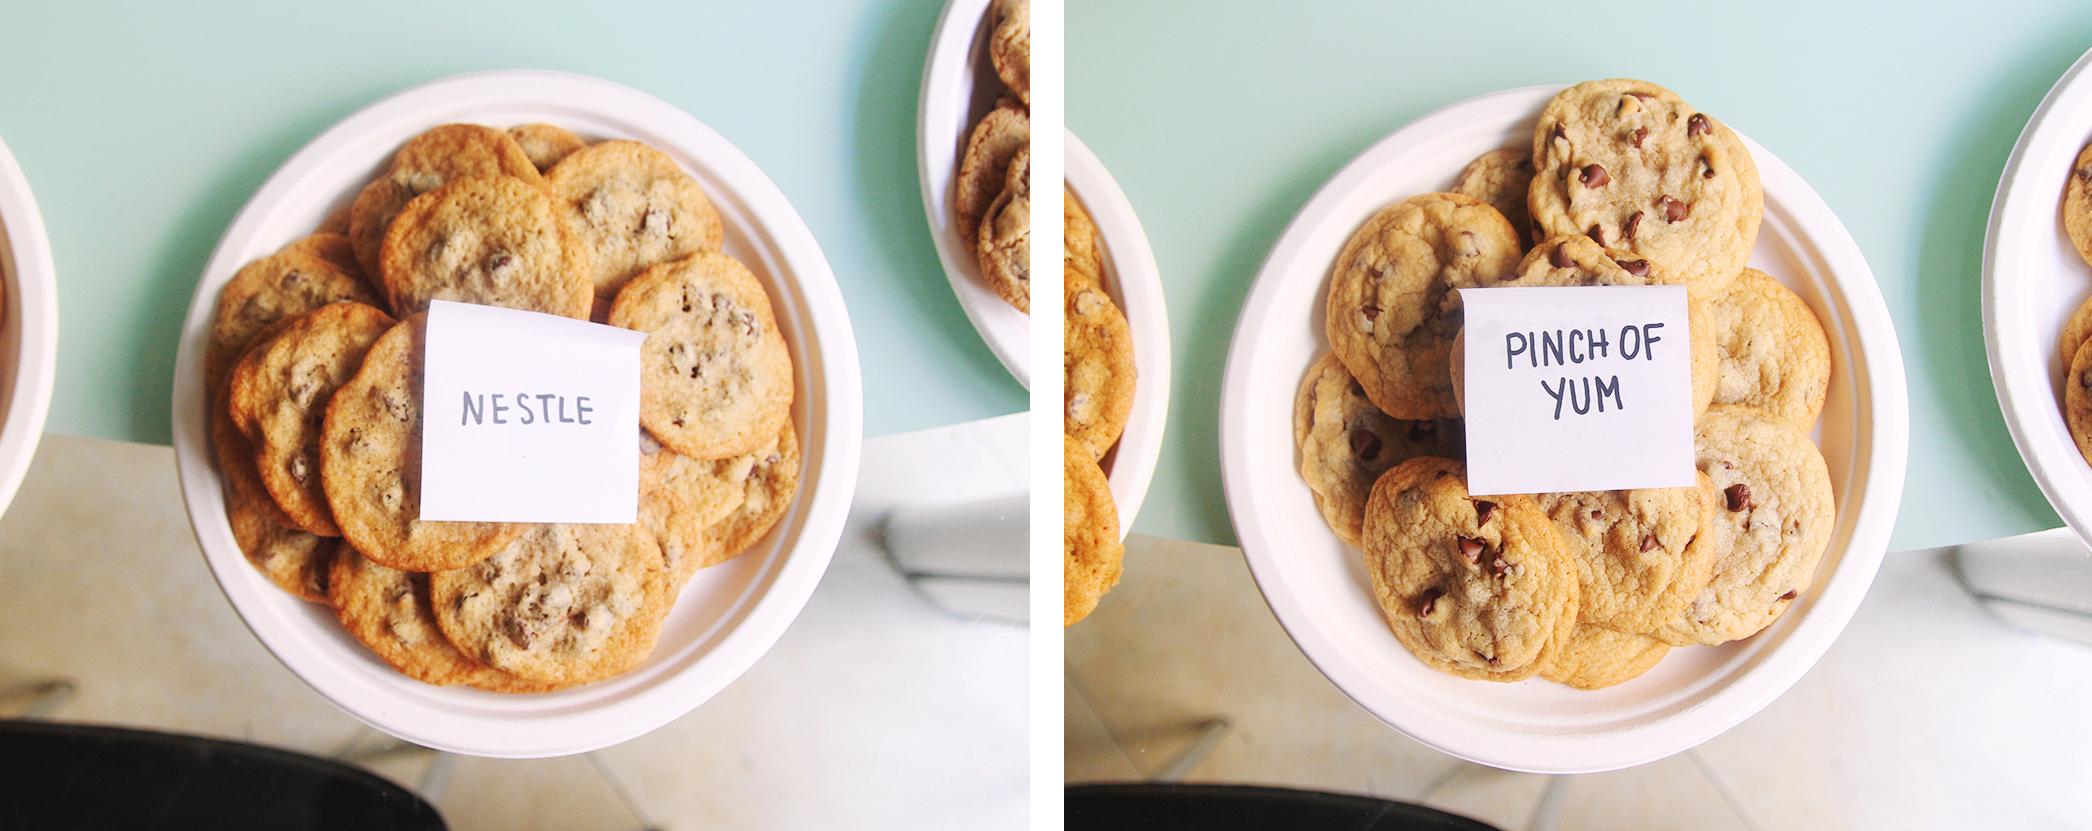 Nestle vs. Pinch of Yum